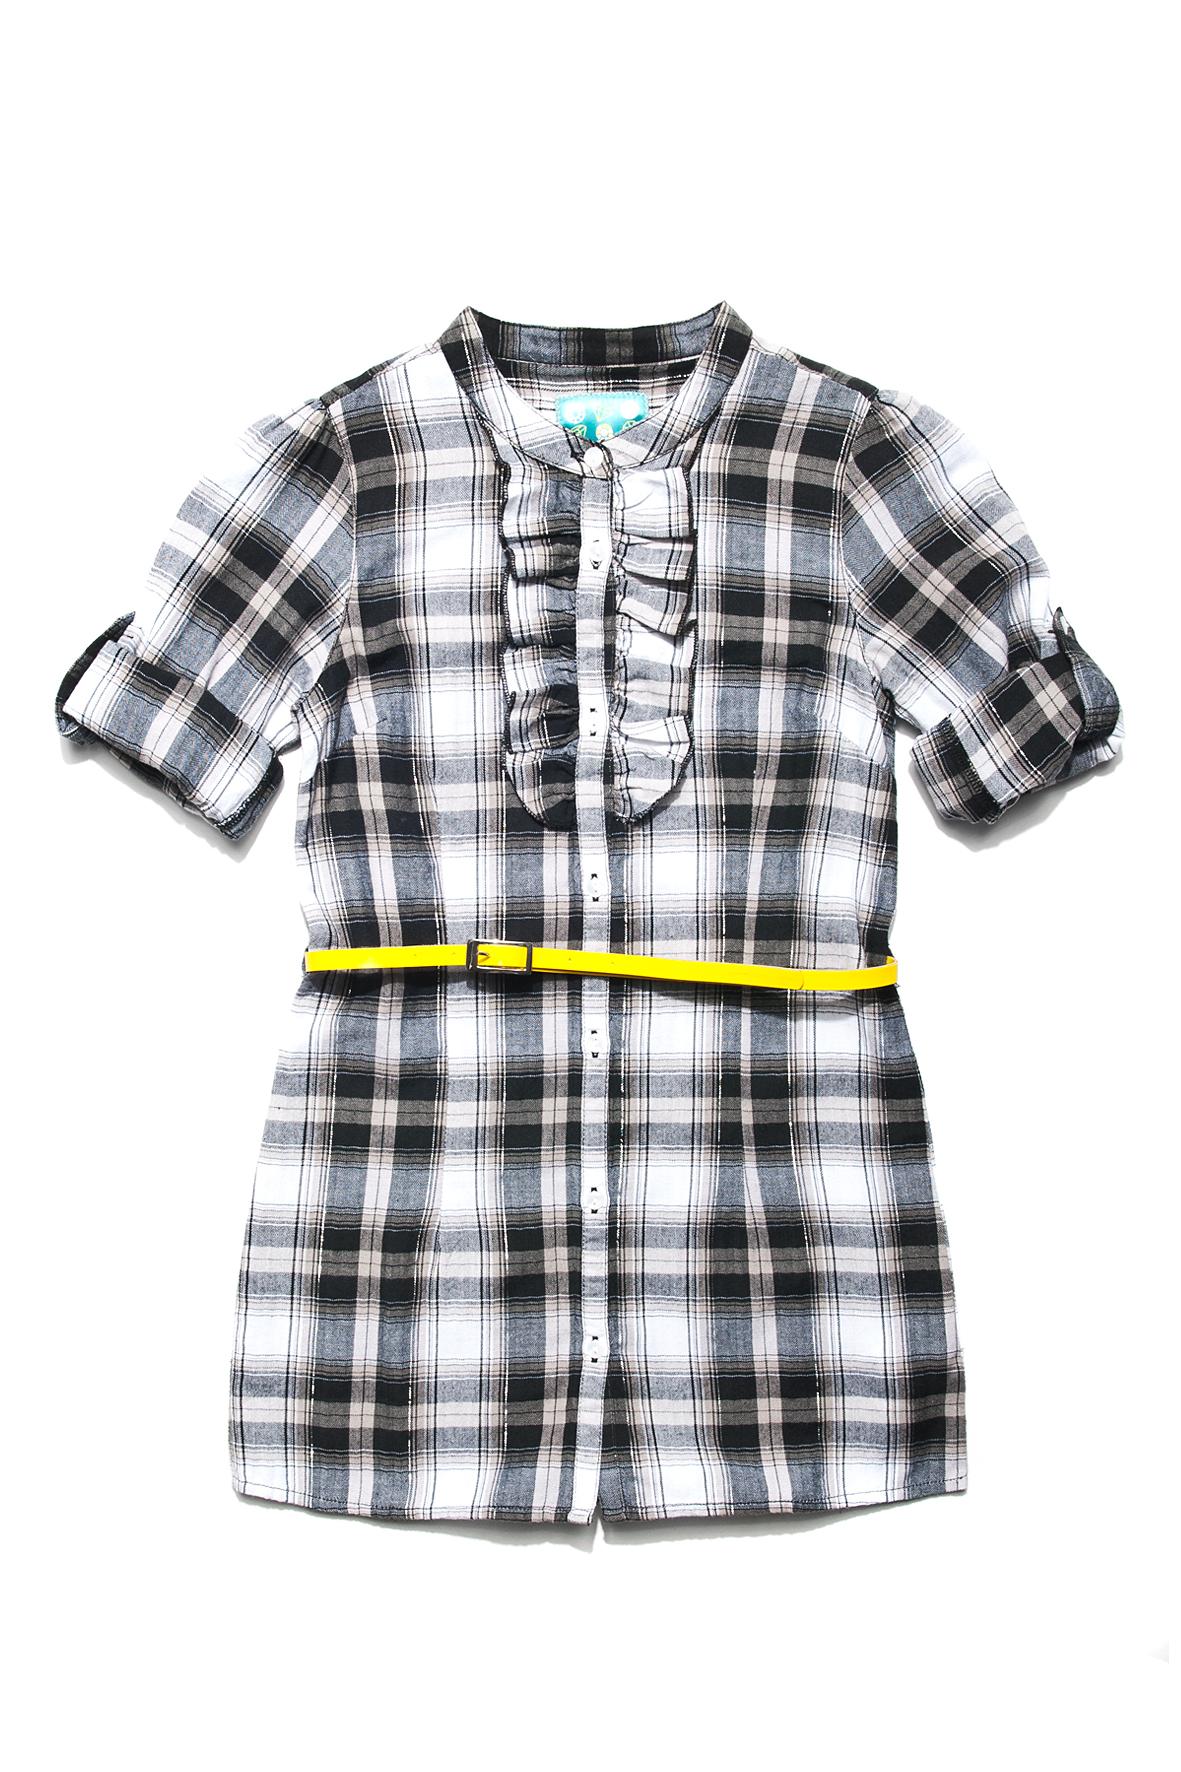 Tunika dziewczęca w modną kratkę - nowa cena 34,99 (źródło: 51015kids.eu)